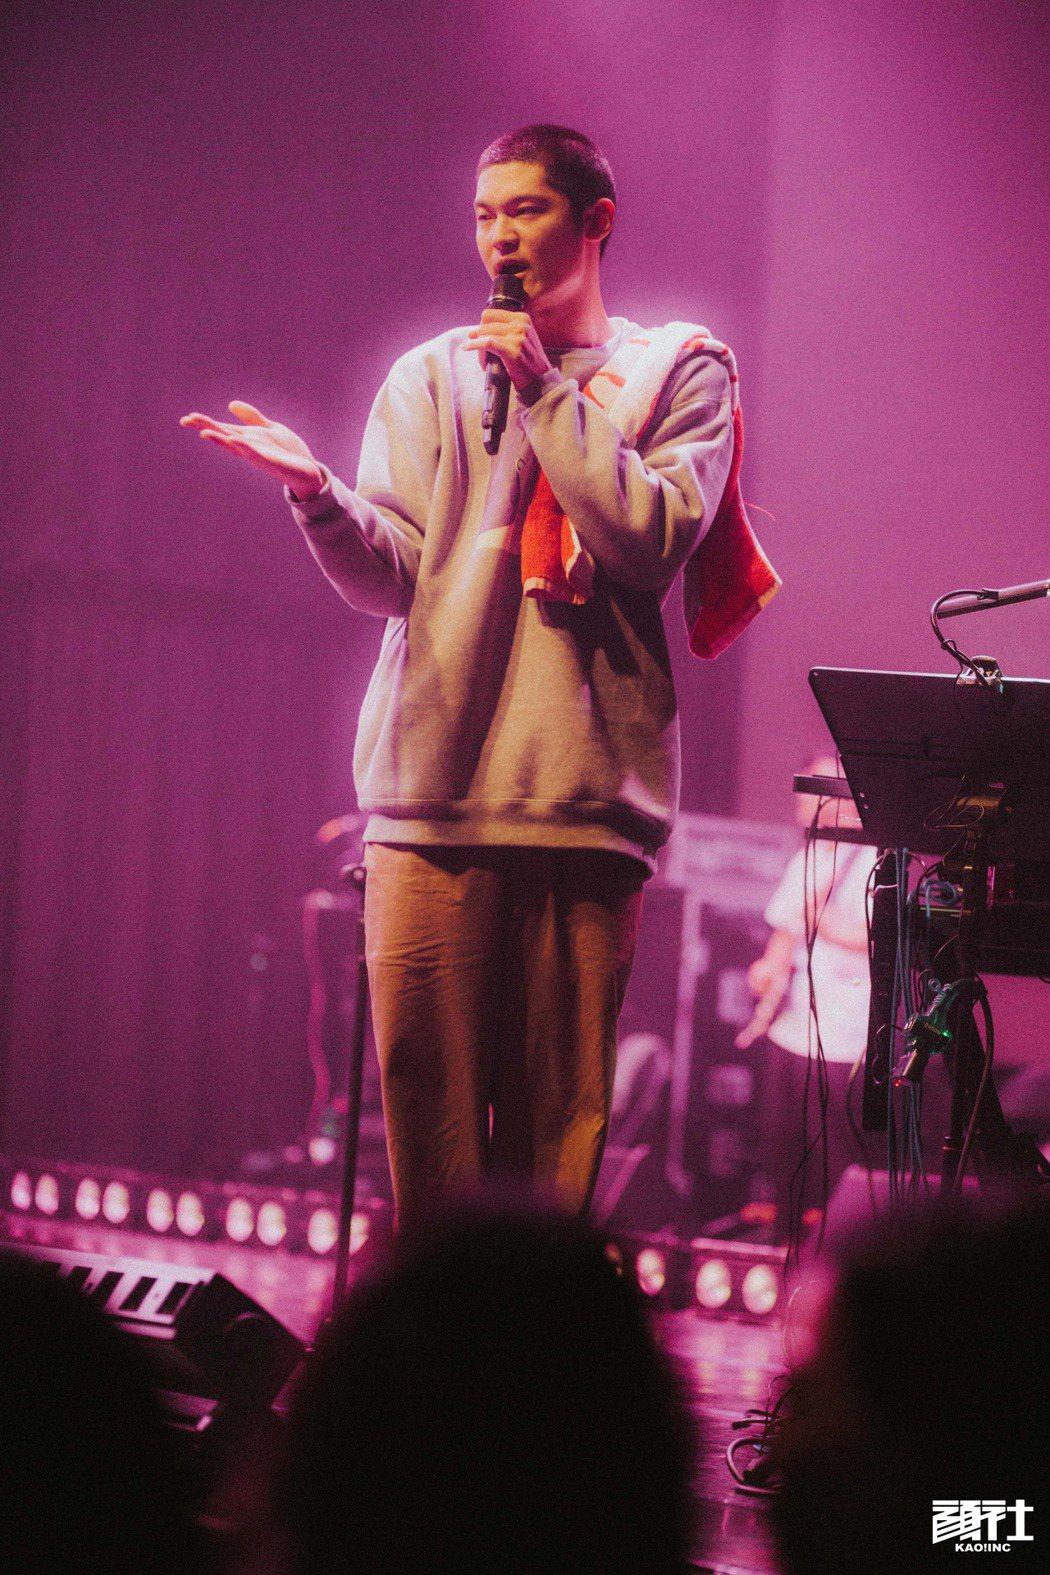 從樂團主唱轉身嘻哈歌手,Leo王認為想法的抒發不該被樂種侷限。 圖/顏社提供